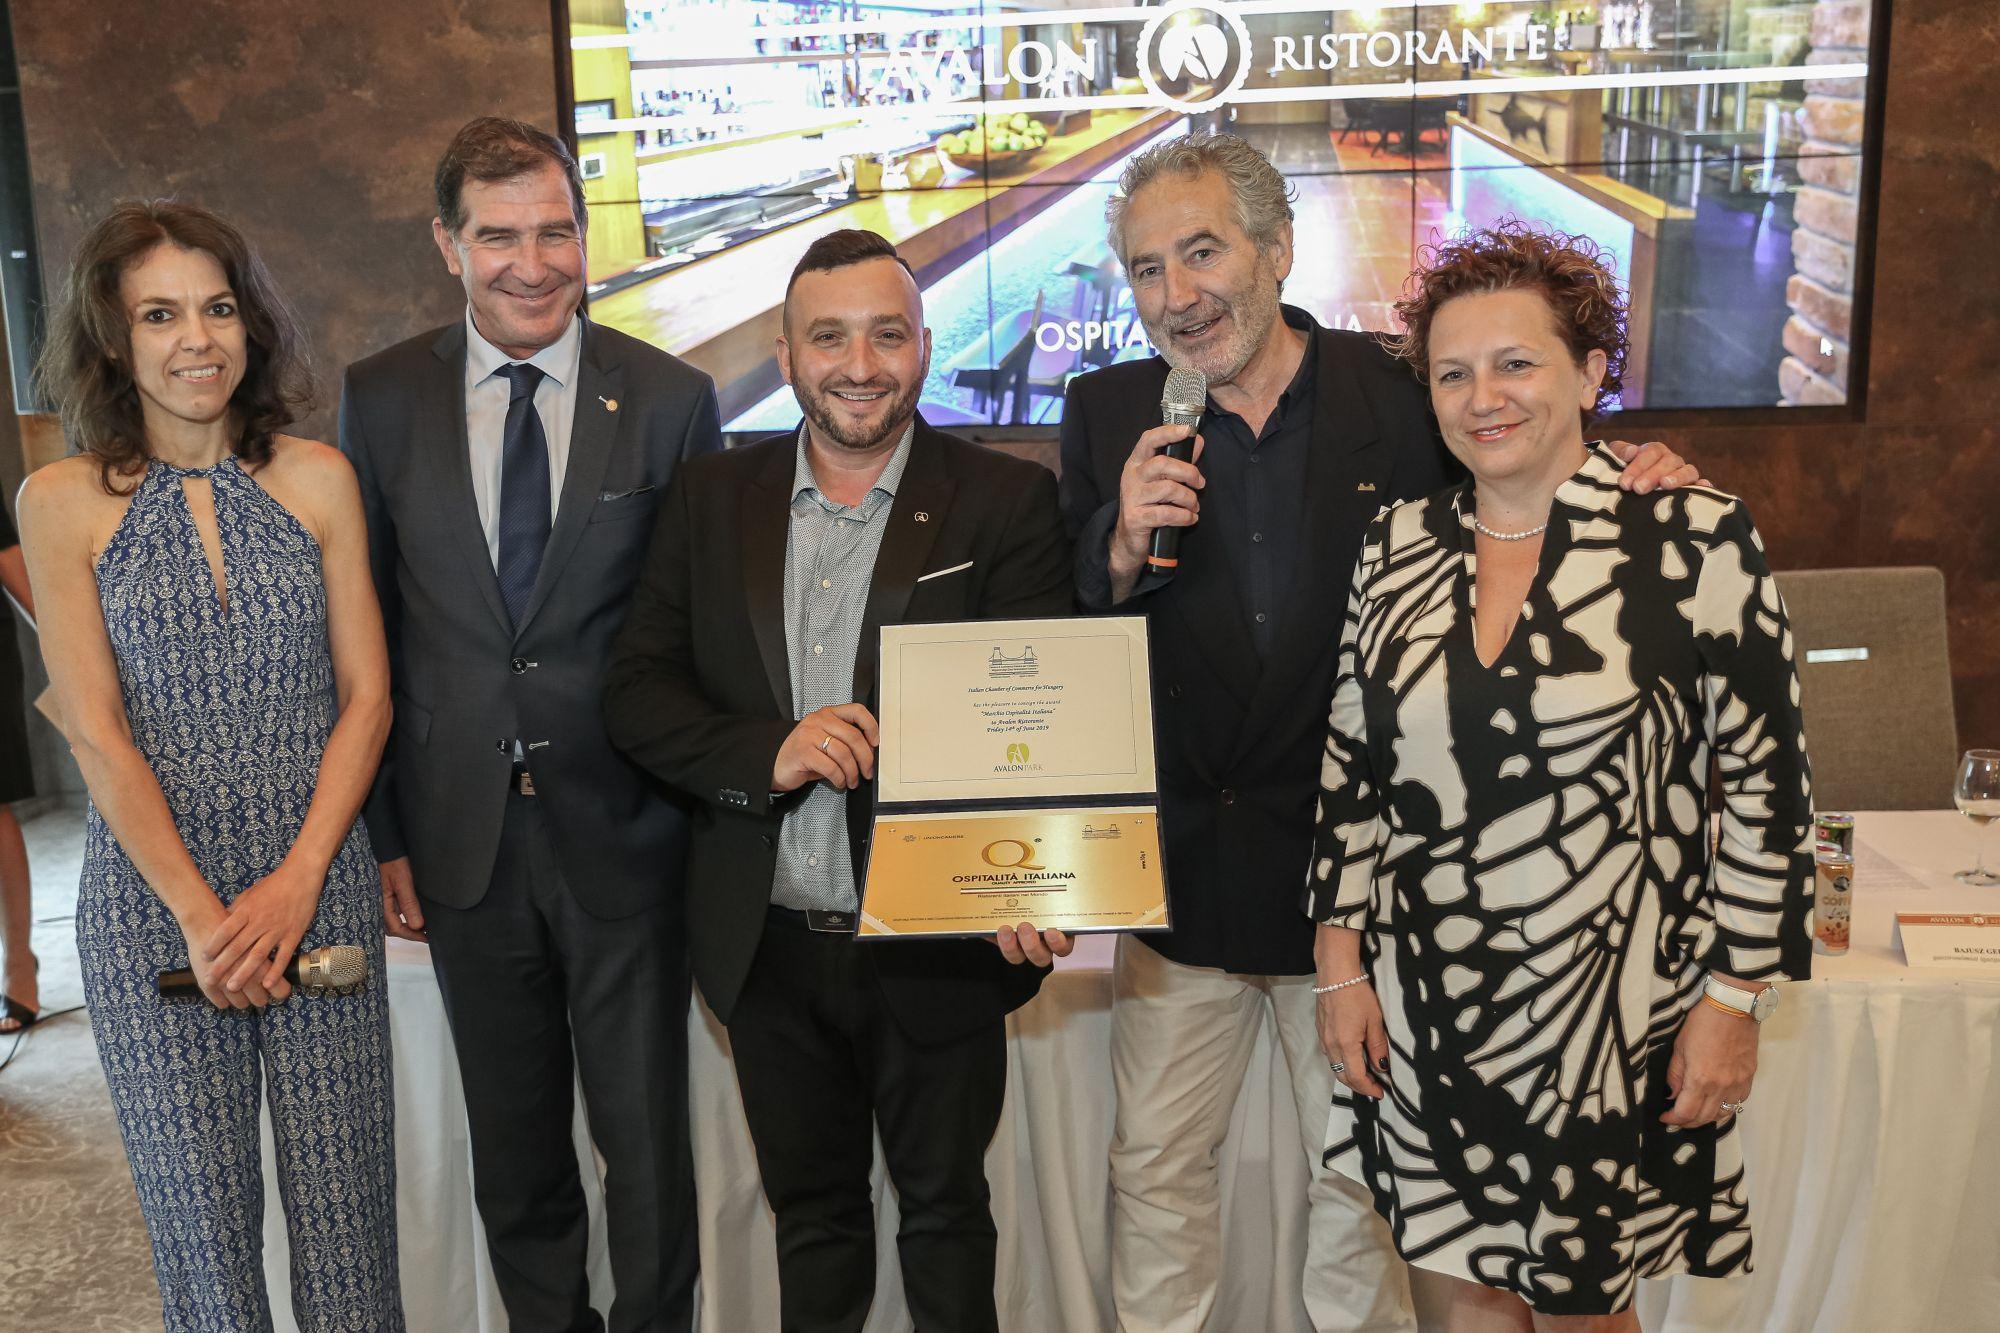 Szívből gratulálok az első vidéki éttermünknek, aki elnyerte az  Ospitalitá Italiana díjat!